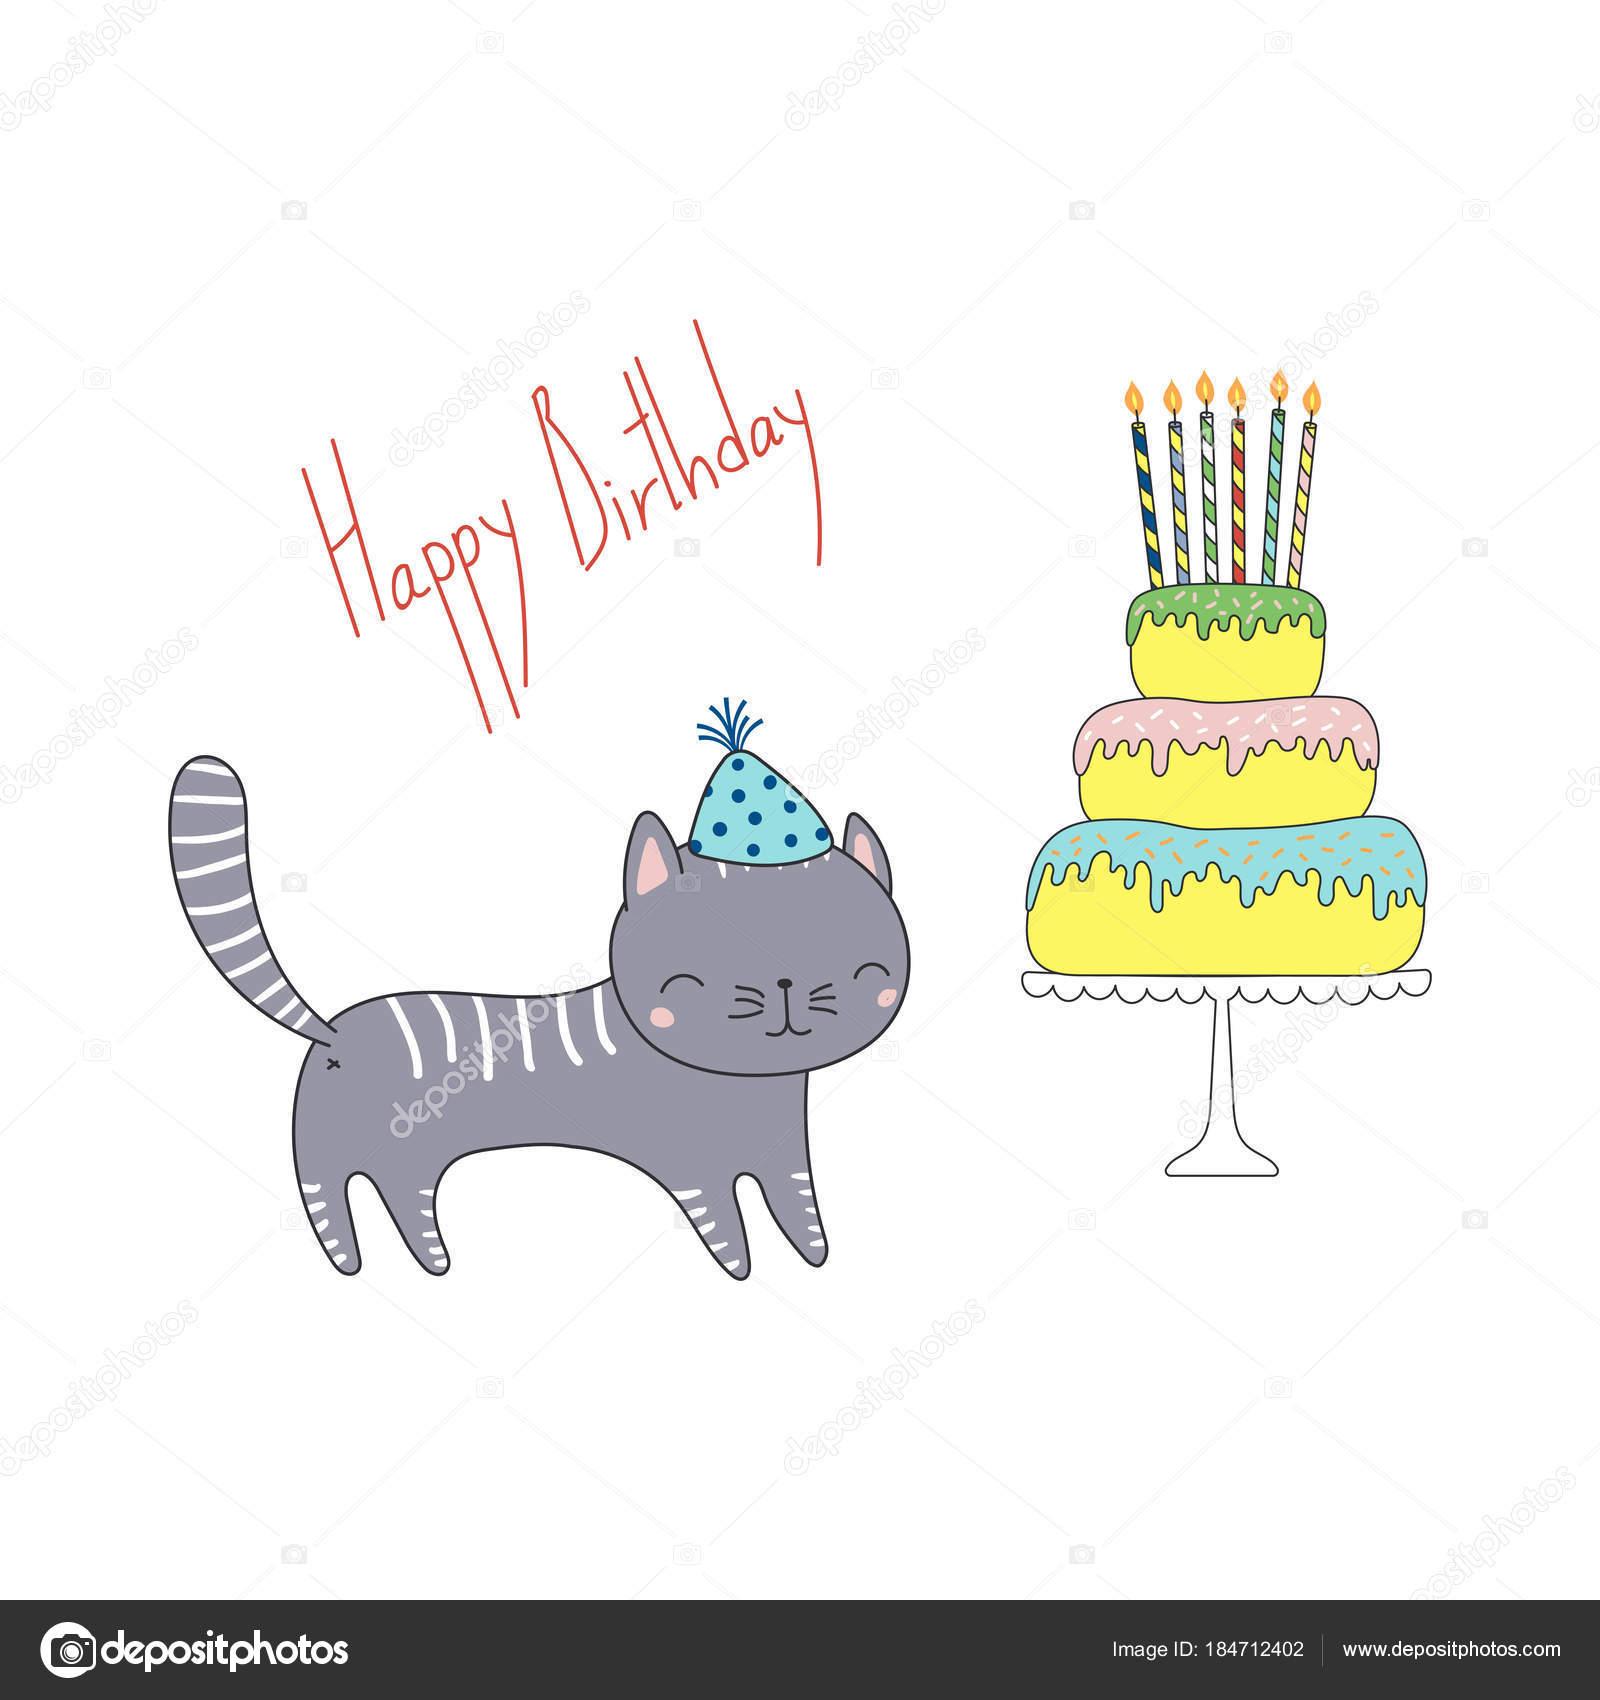 Hand drawn happy birthday greeting card cute funny cartoon cat hand drawn happy birthday greeting card cute funny cartoon cat stock vector m4hsunfo